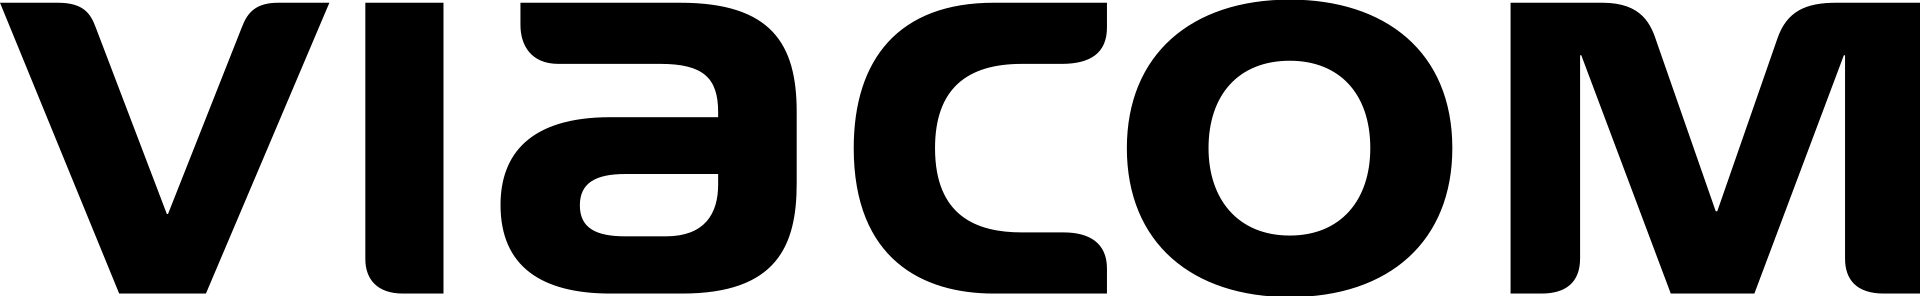 Https En Wikipedia Org Wiki Viacom 2005 2019 In 2020 Retail Logos Gaming Logos Lululemon Logo